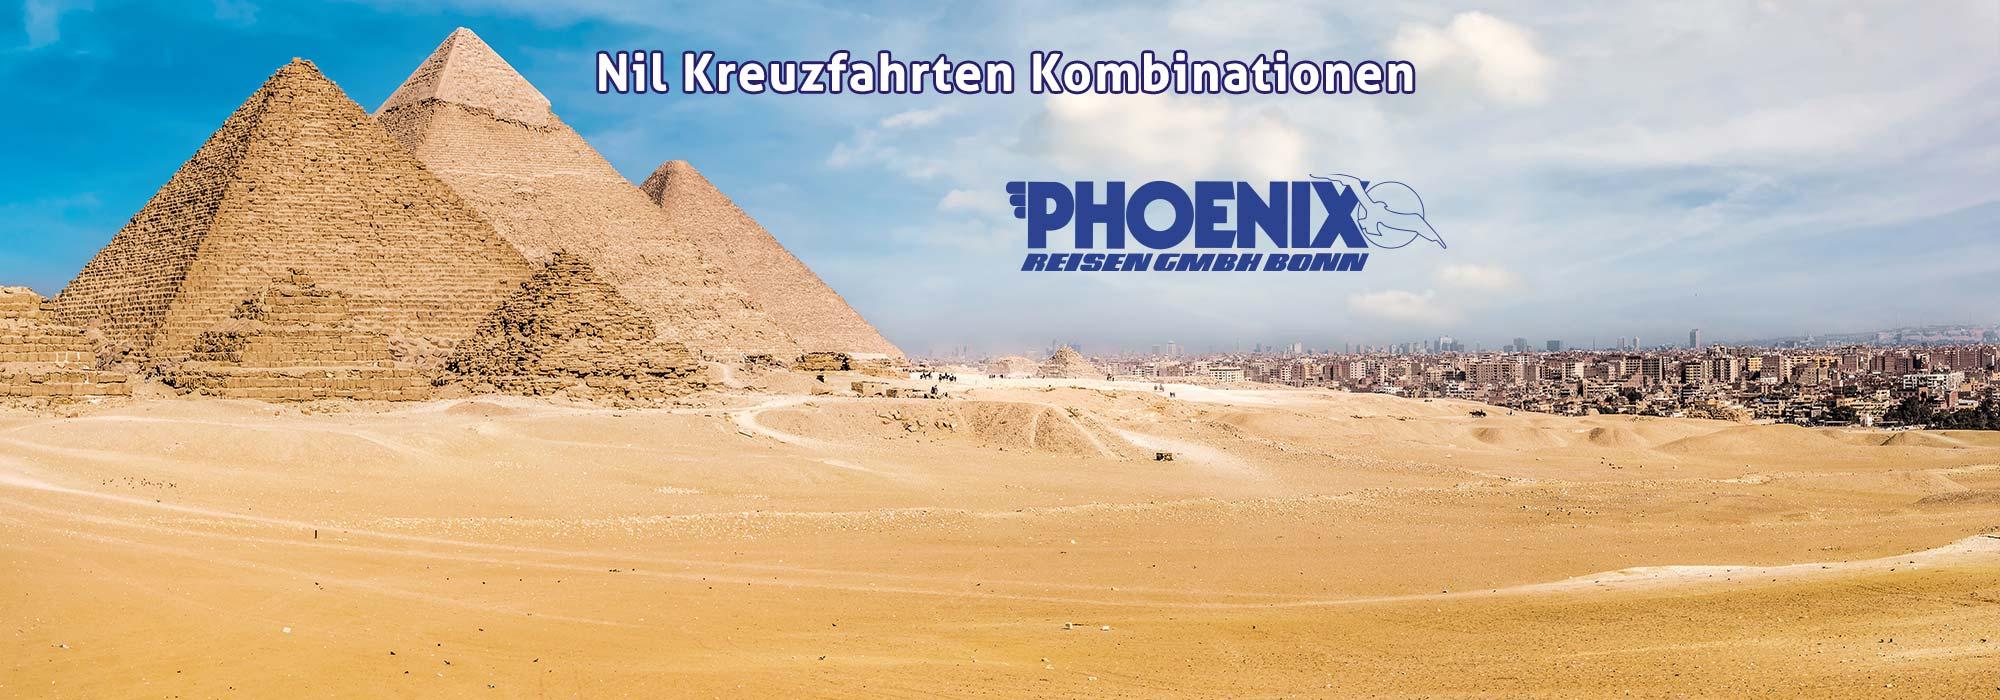 Phoenix Reisen Erfahrungsberichte